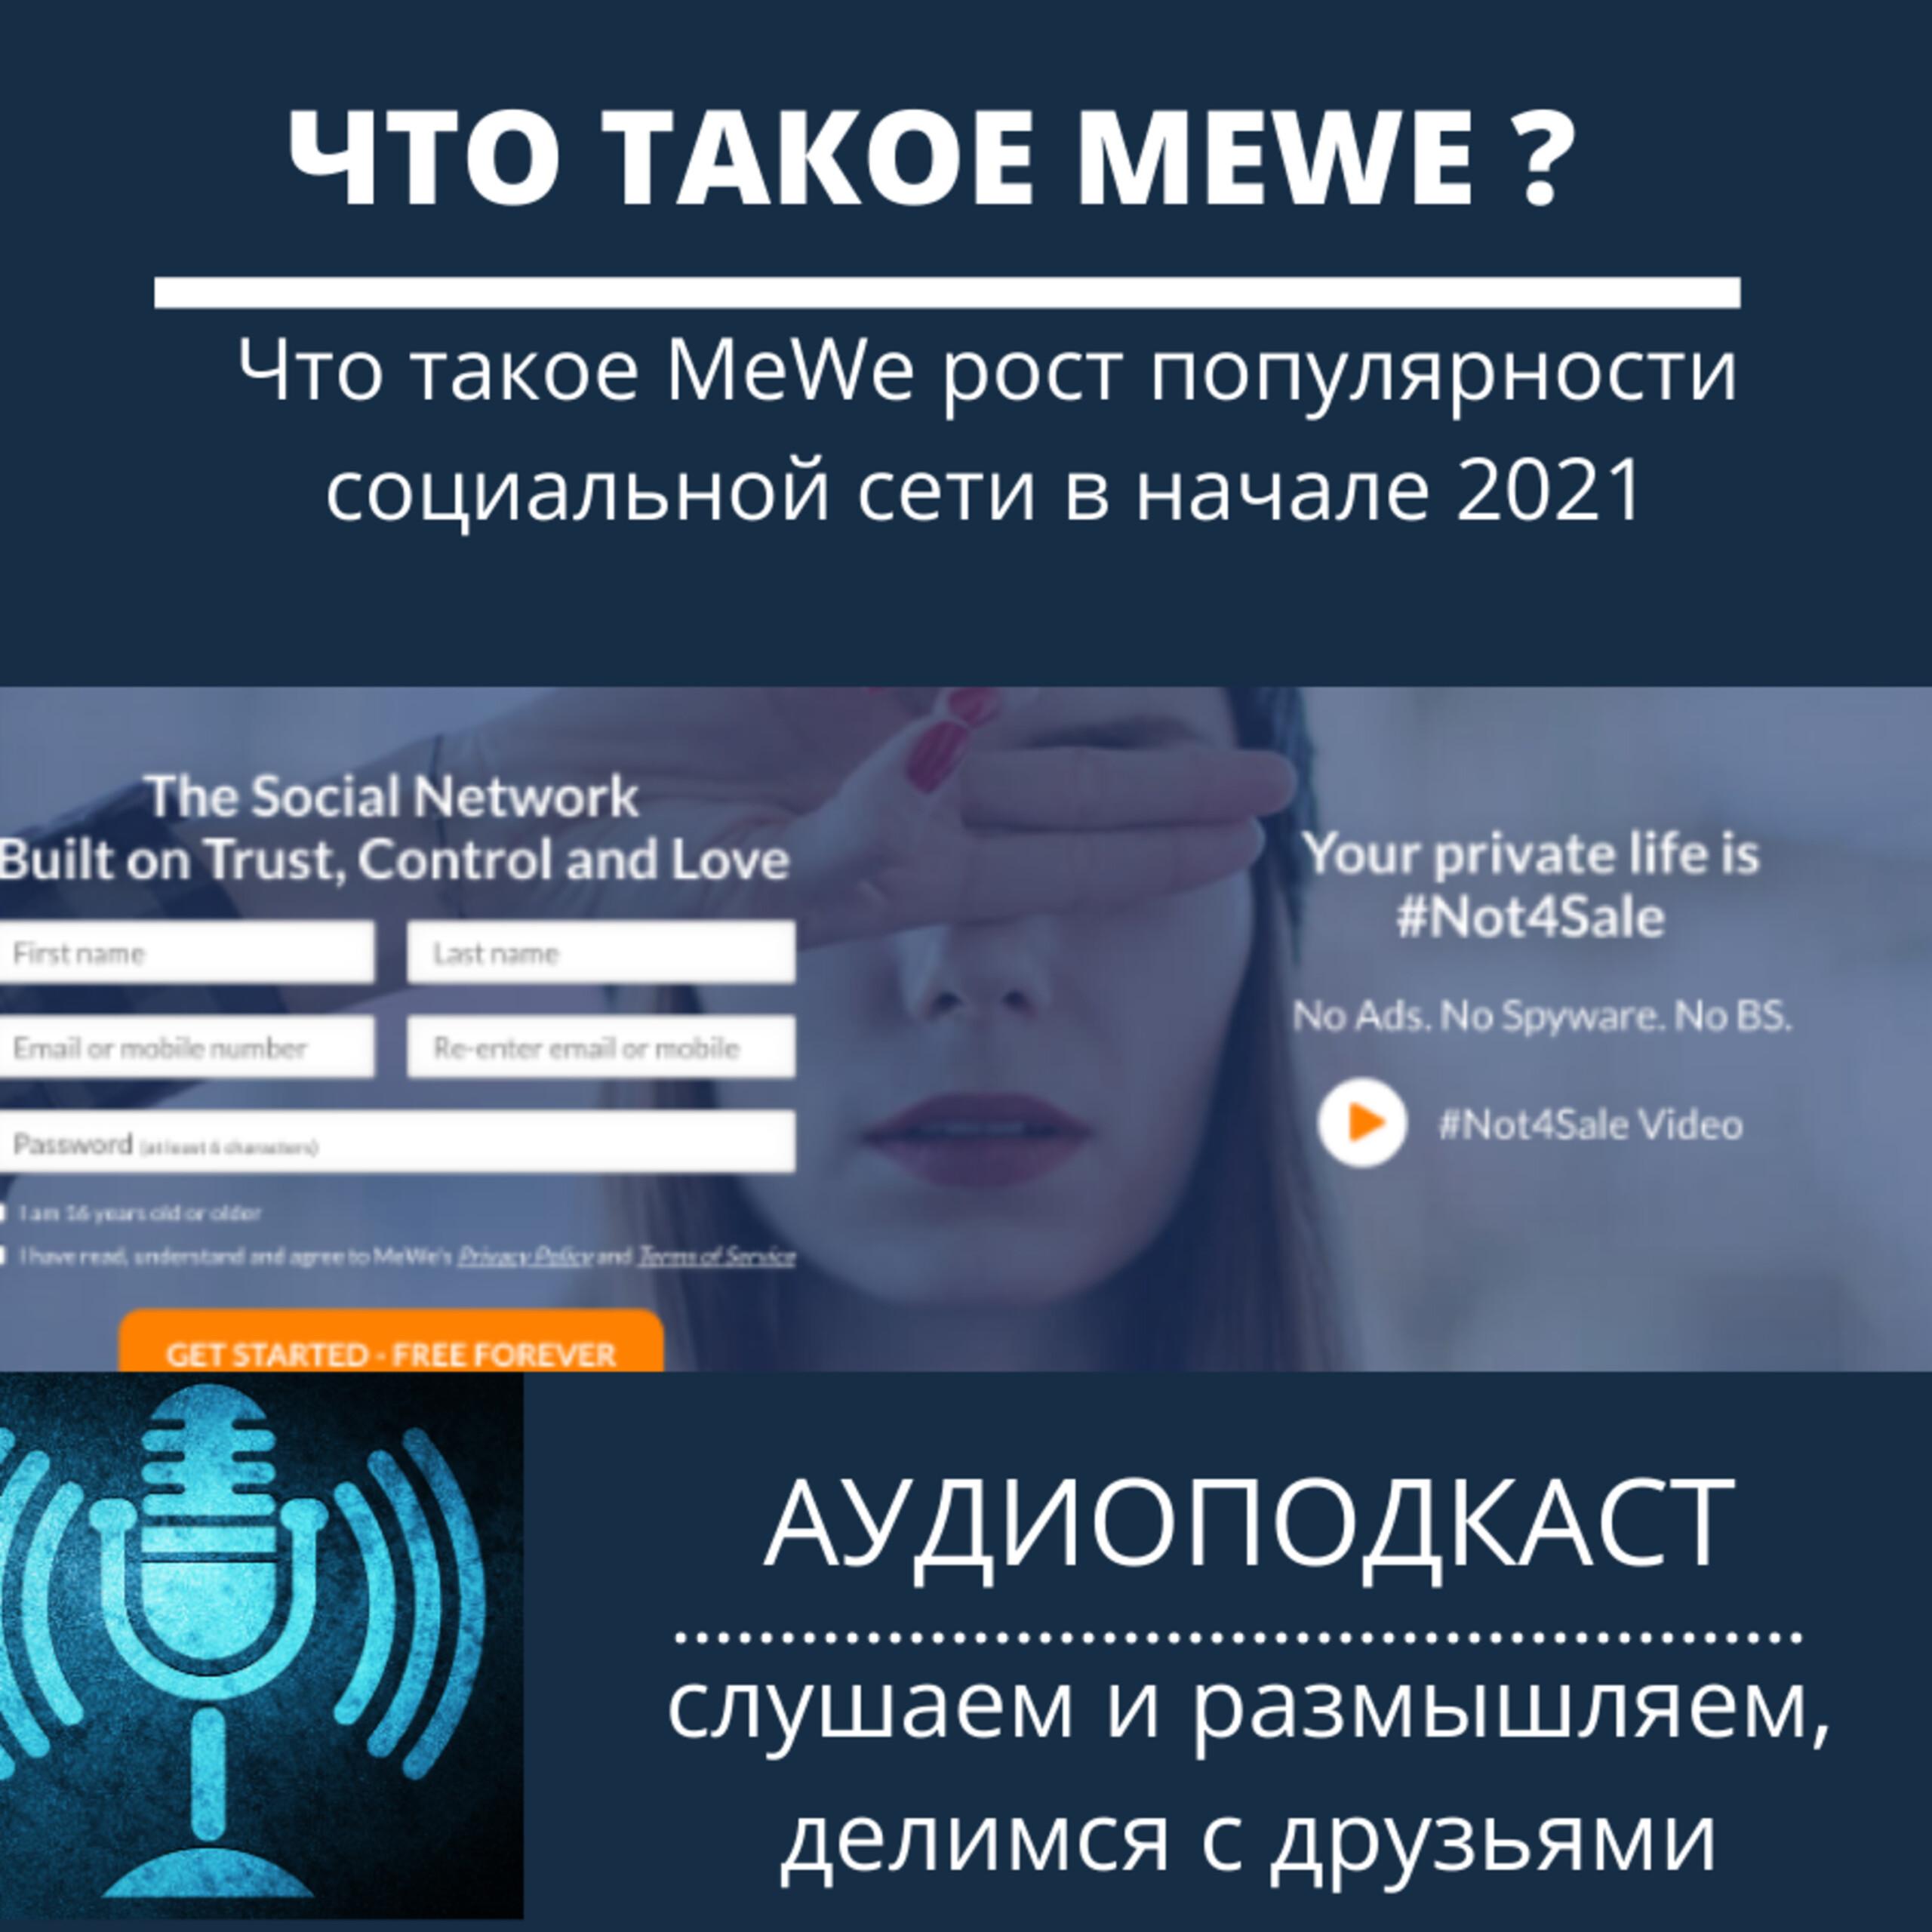 Что такое MeWe рост популярности социальной сети 2021